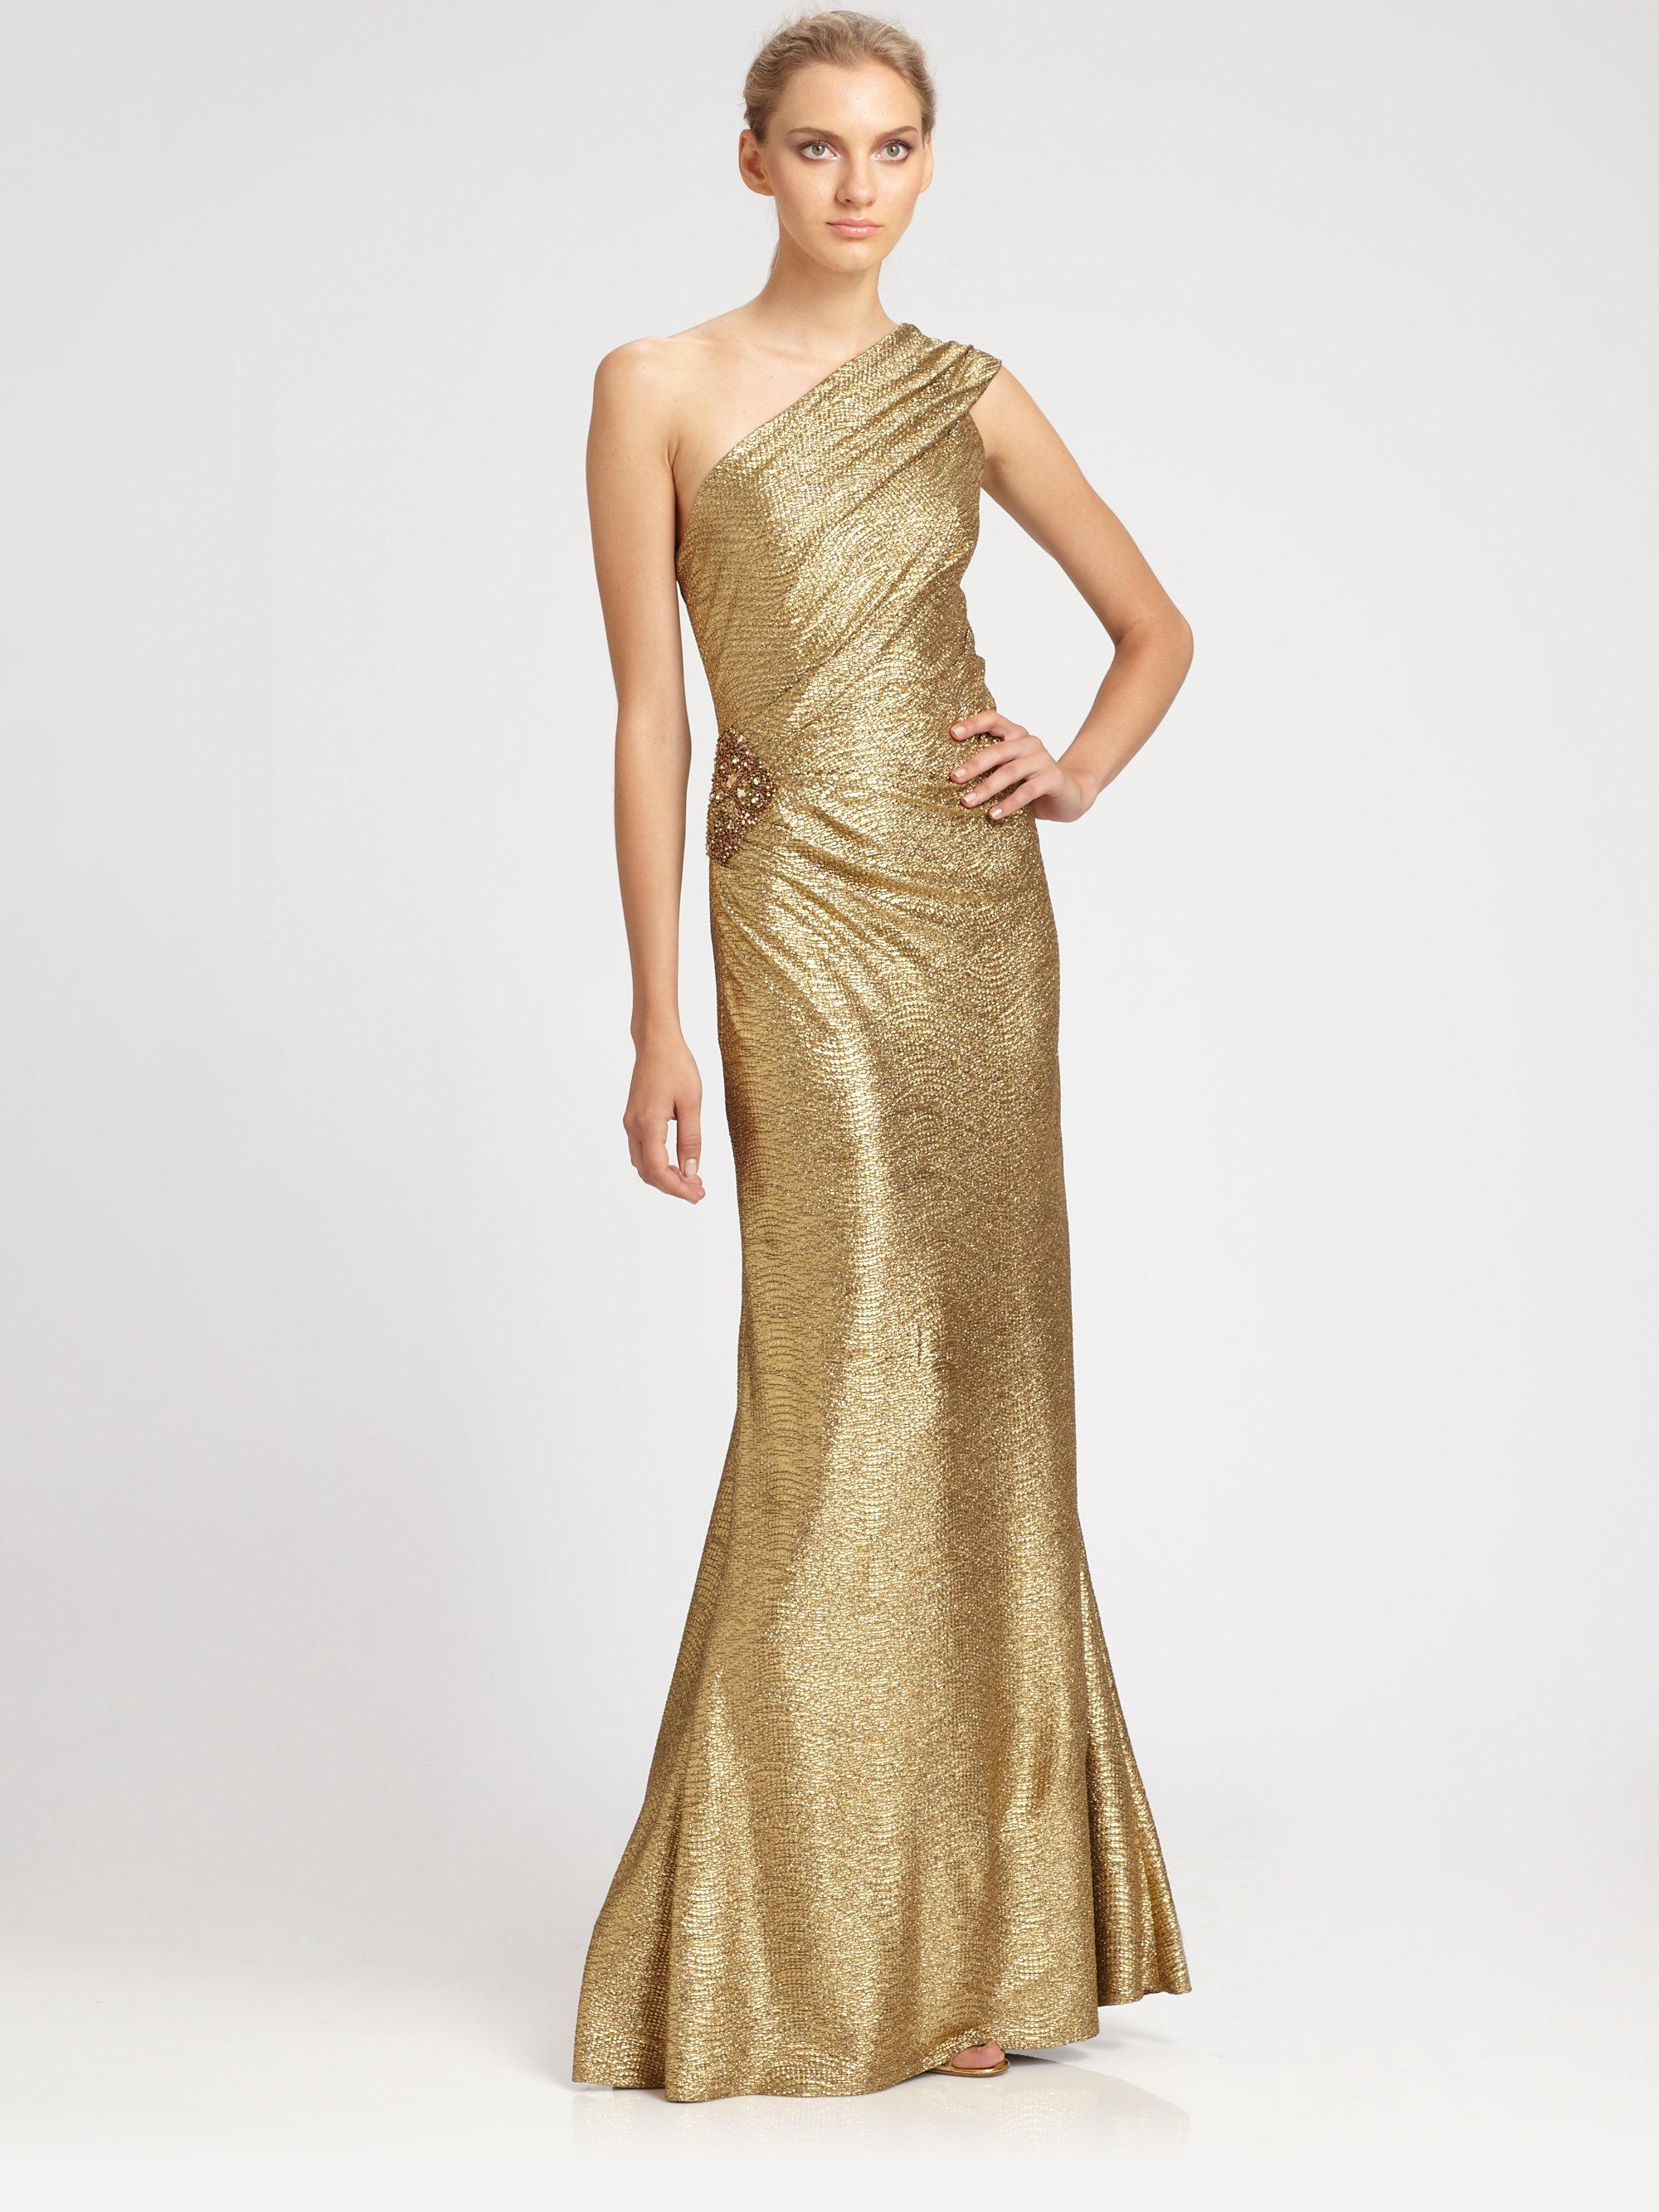 Lyst - David Meister One-Shoulder Metallic Gown in Metallic